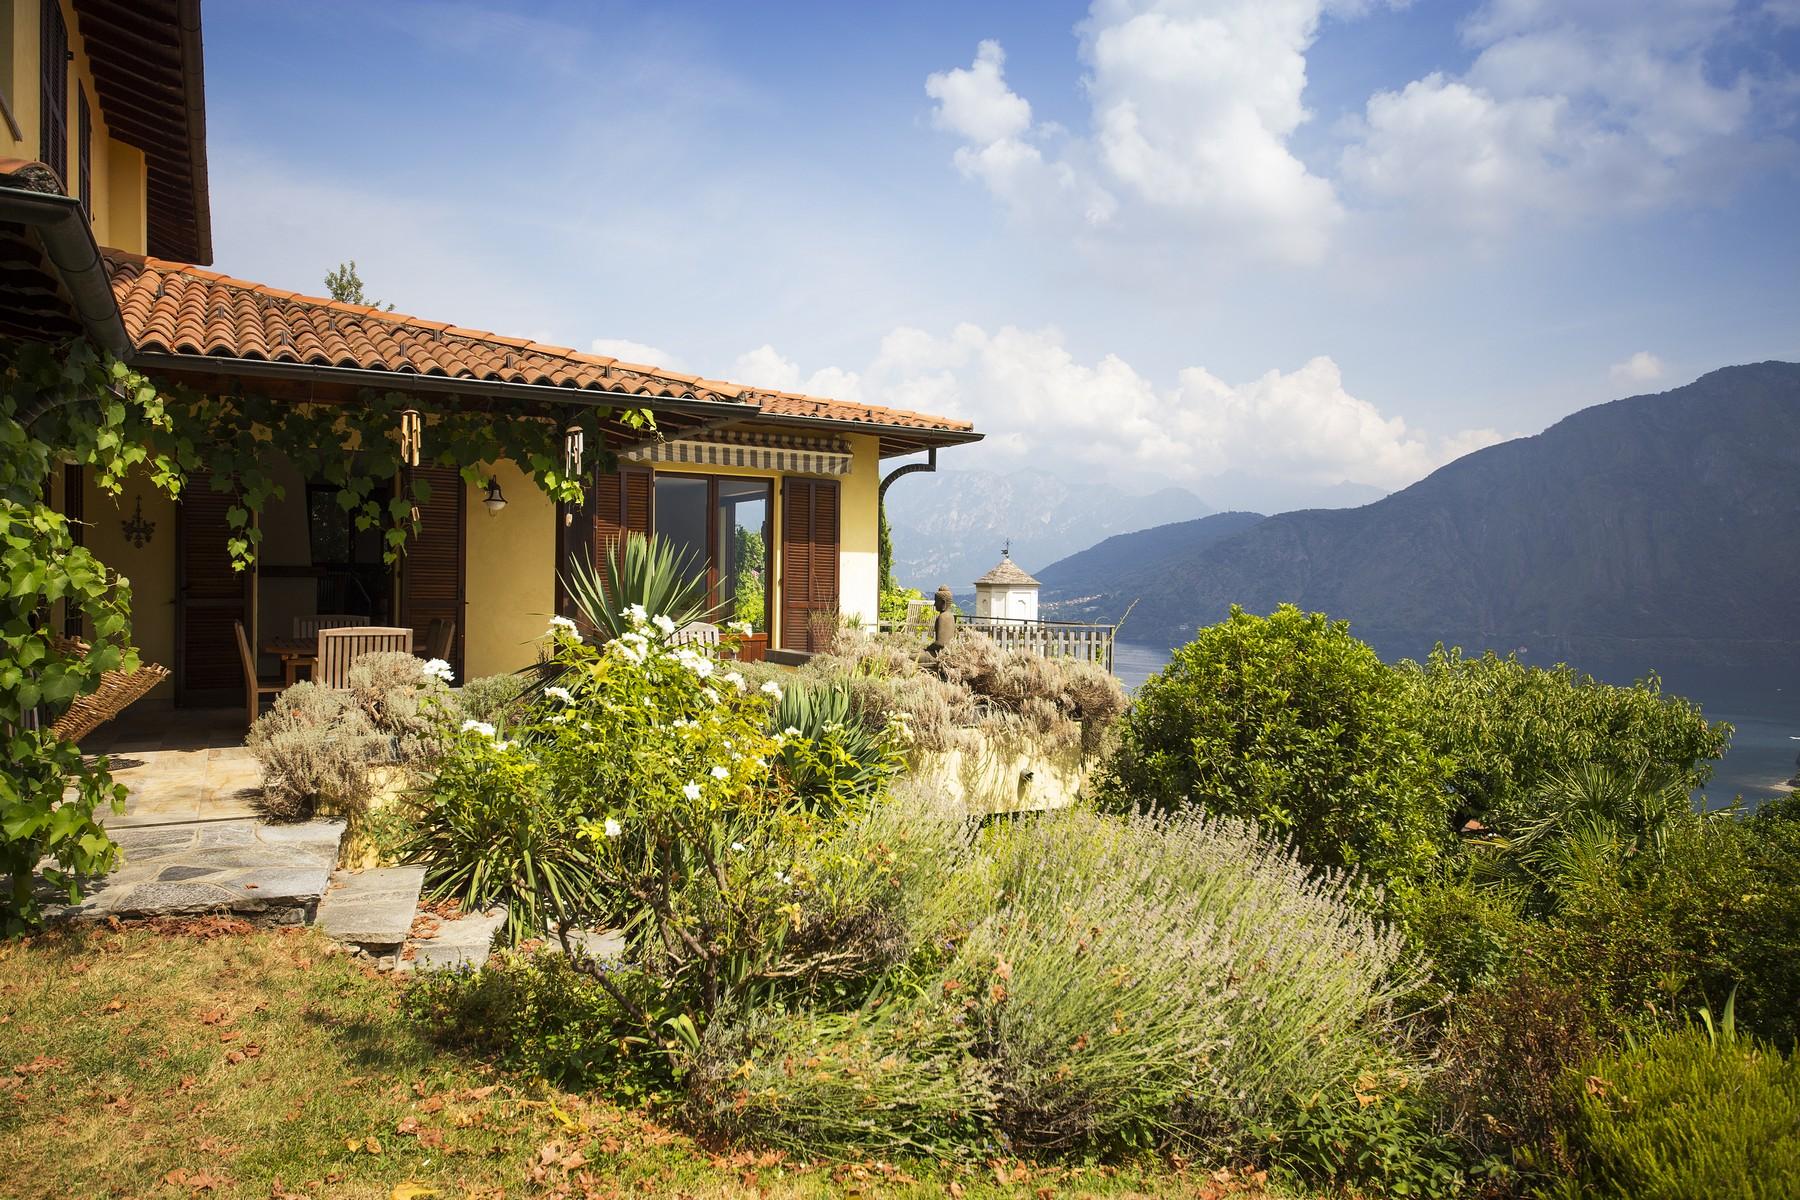 Villa in Vendita a Lenno: 5 locali, 320 mq - Foto 2